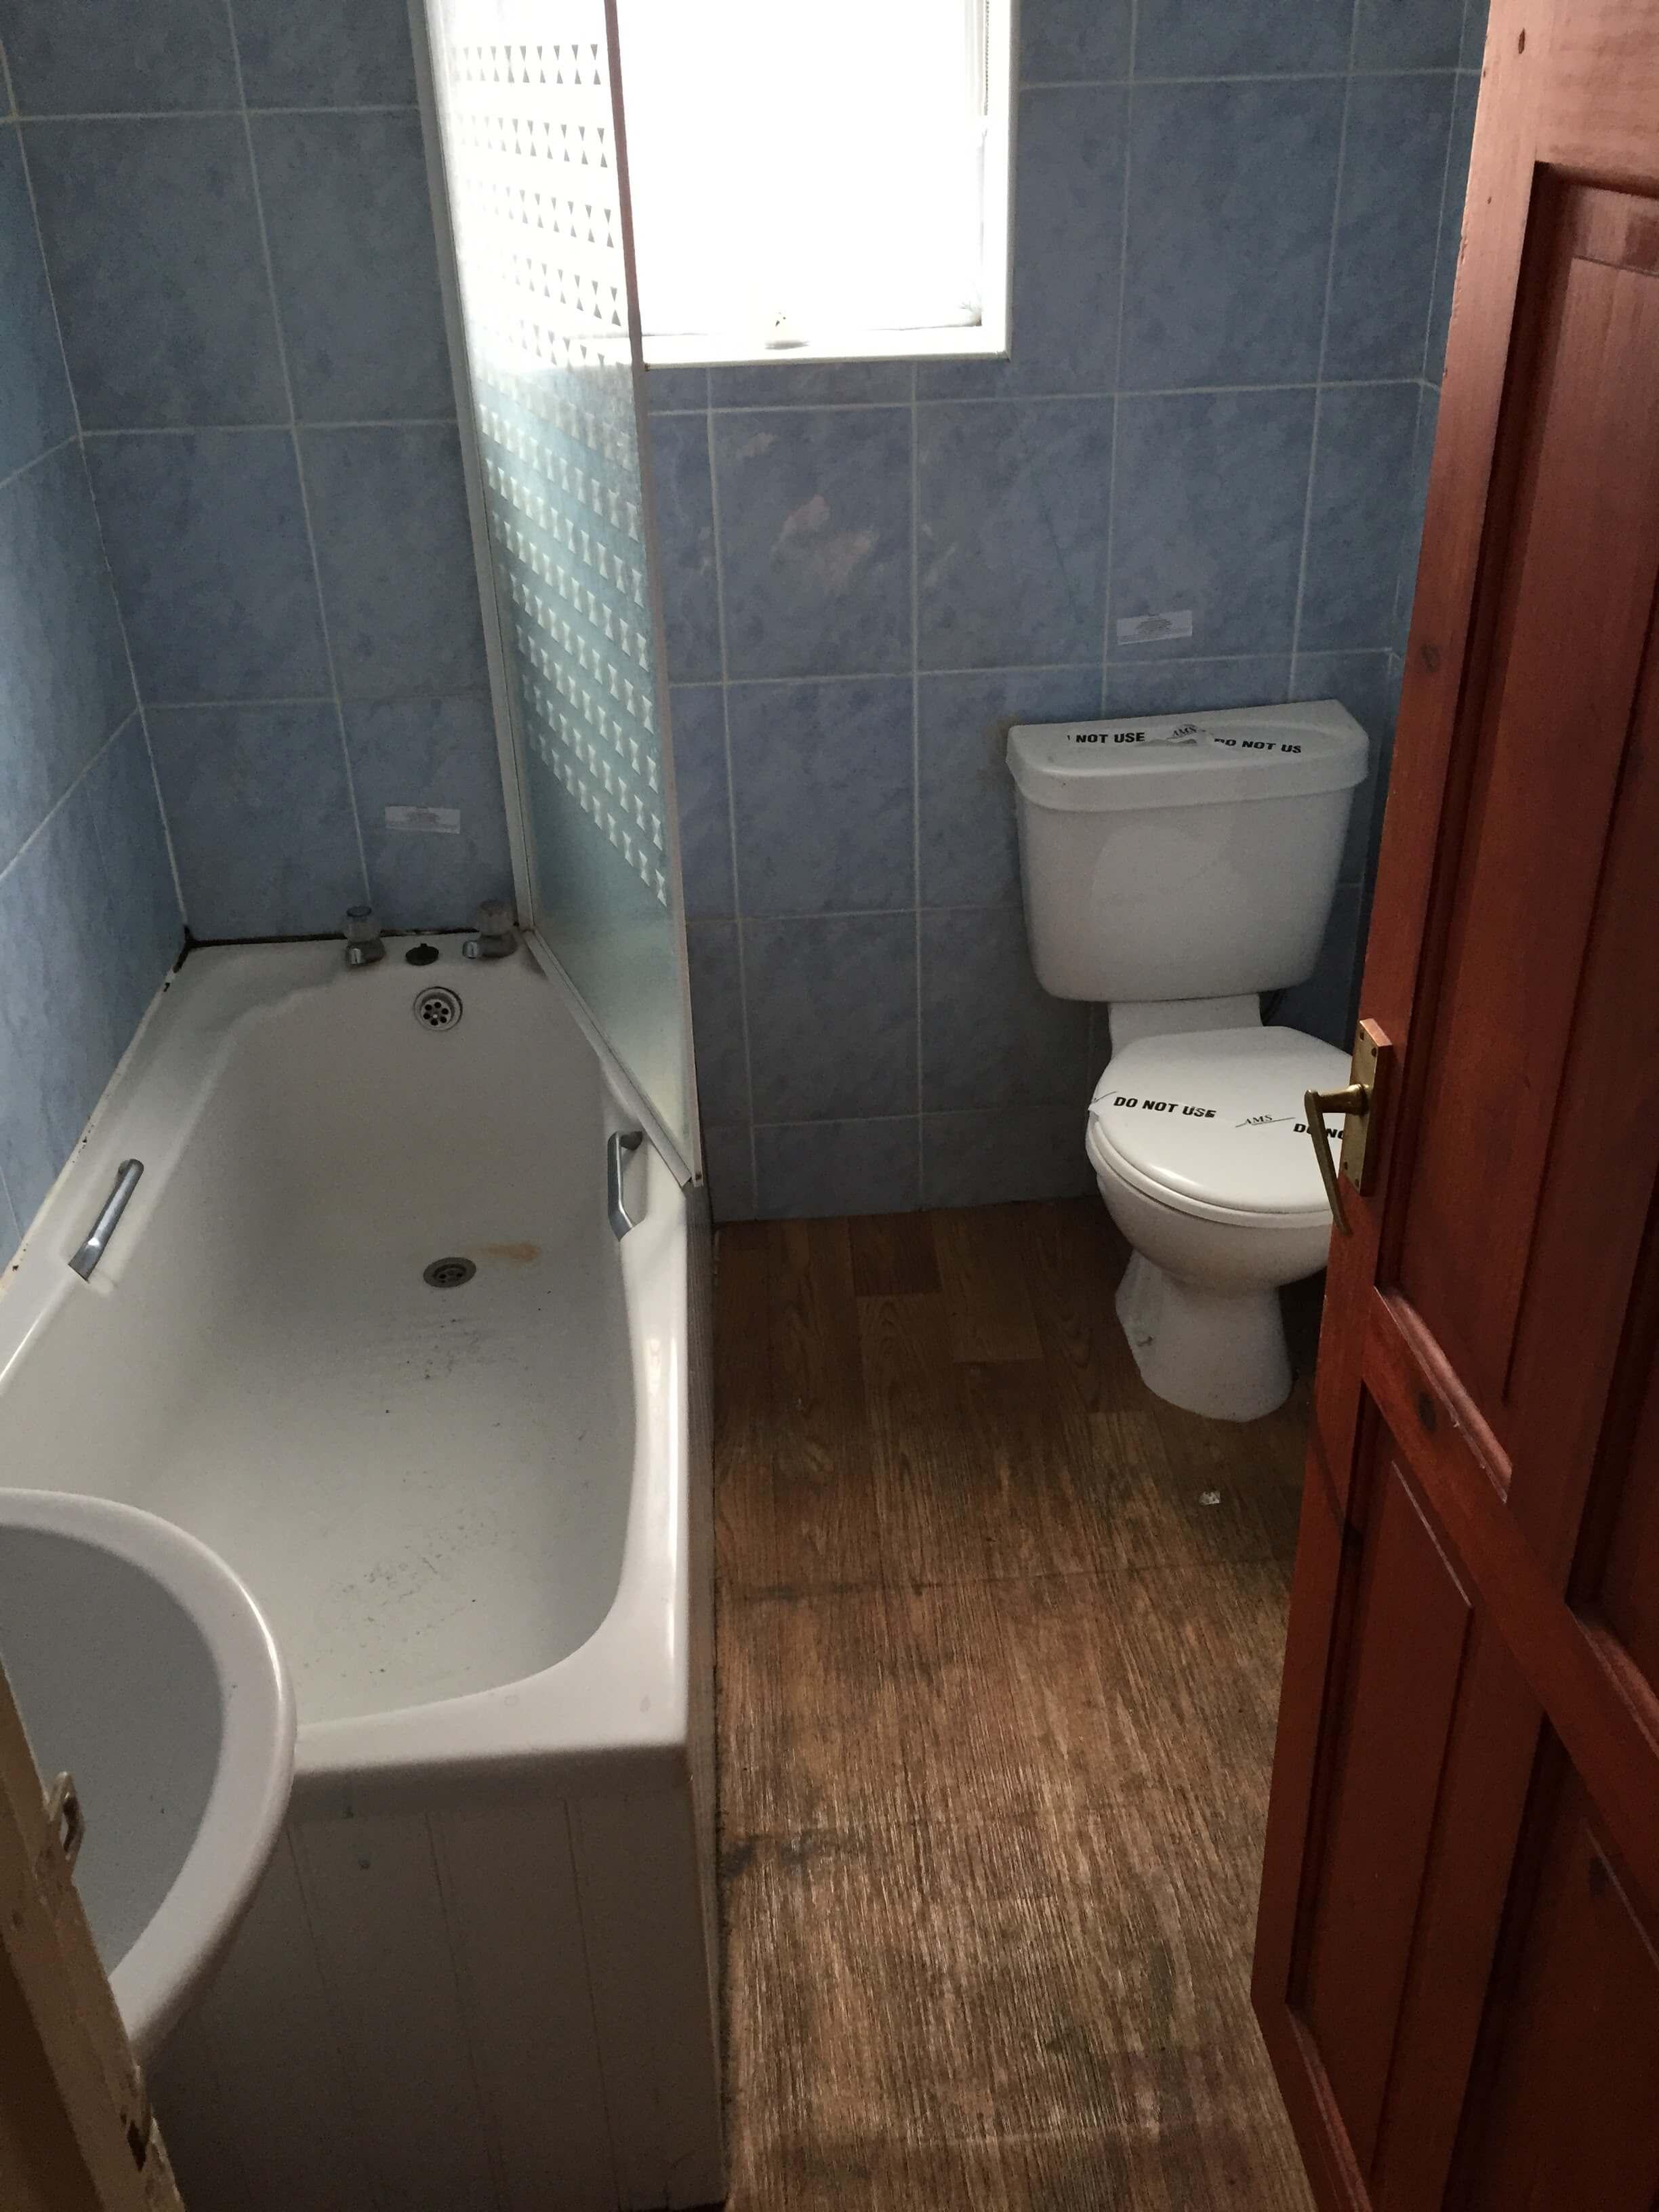 Bathroom before interior decorating